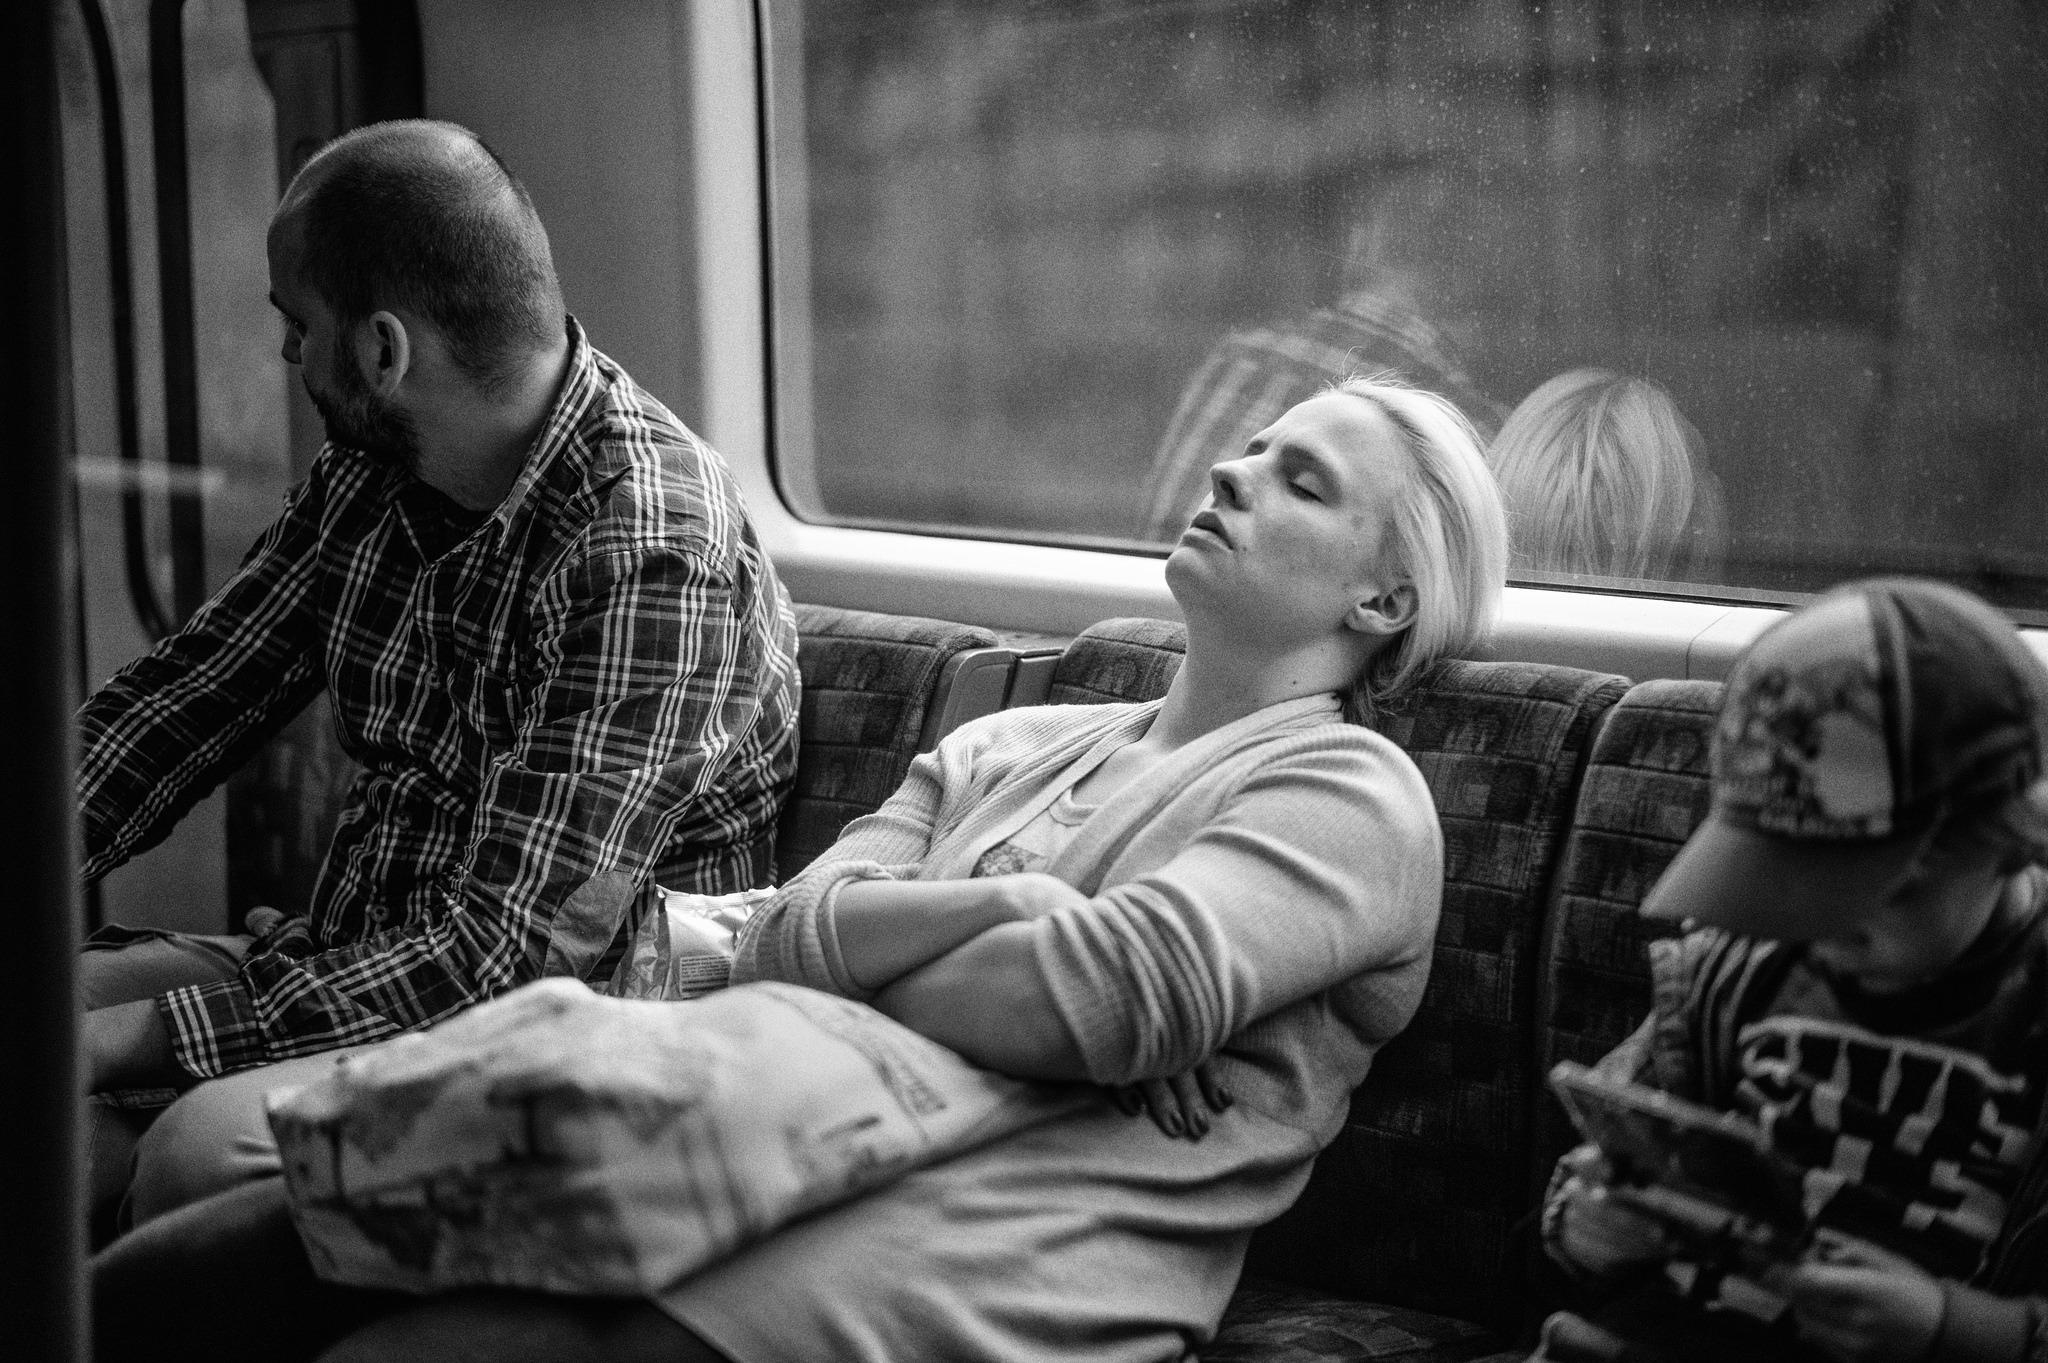 A woman asleep on the tube.